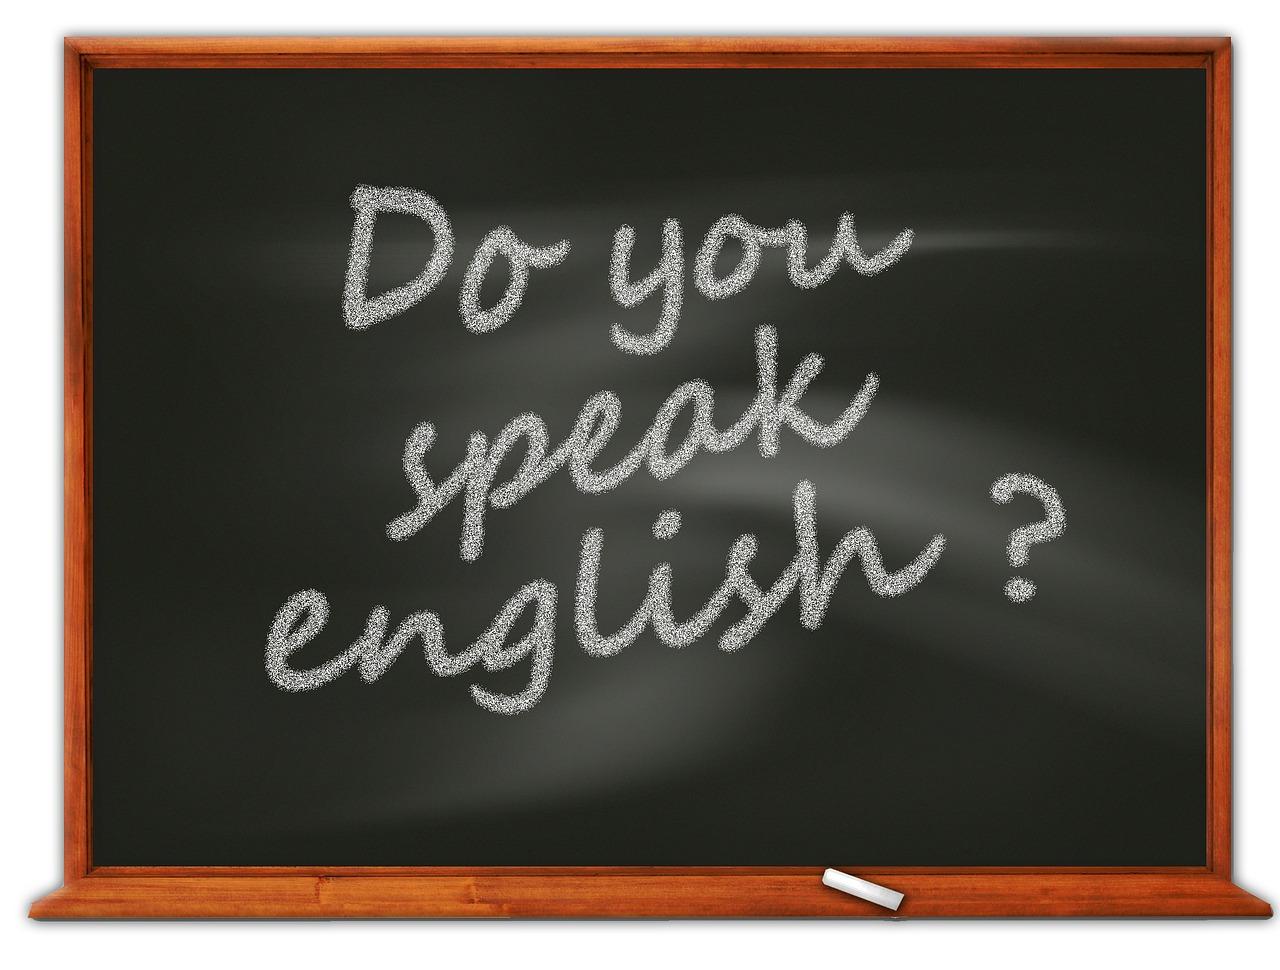 Biegłość językowa potwierdzona na papierze